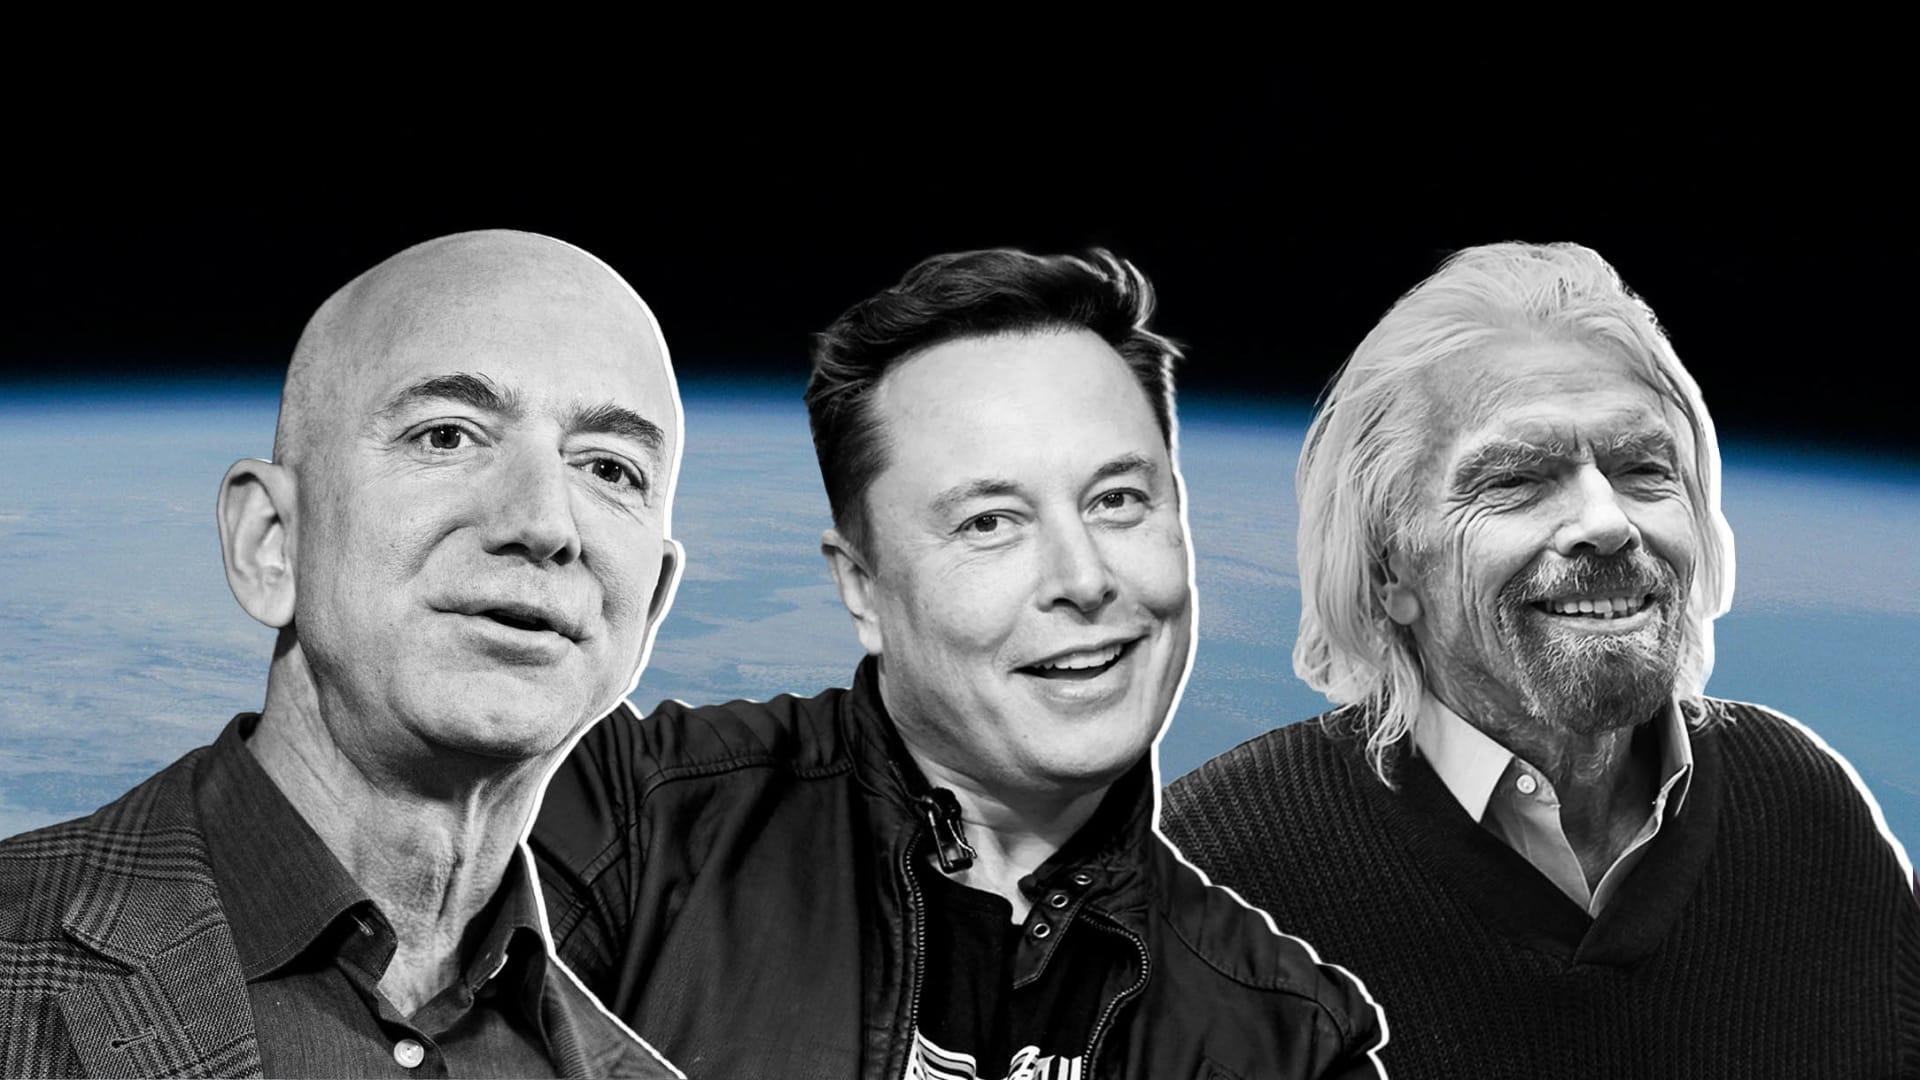 Jeff Bezos, Elon Musk, and Richard Branson.